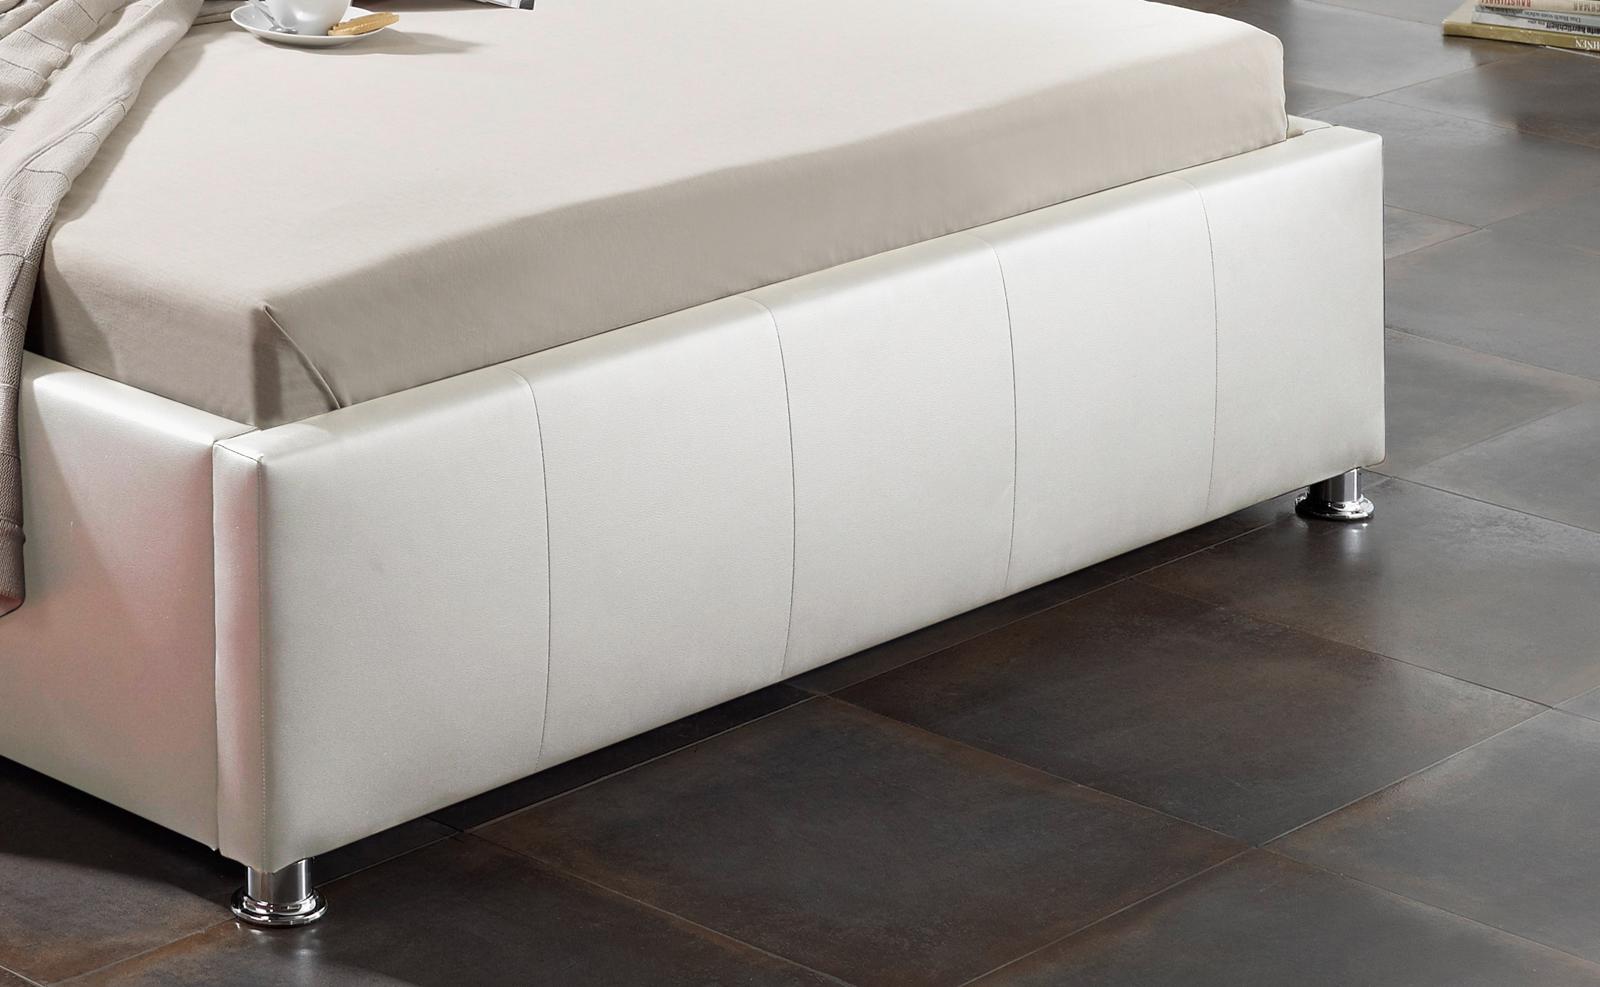 sam design bett 160 x 200 cm wei kira bettkasten auf lager. Black Bedroom Furniture Sets. Home Design Ideas